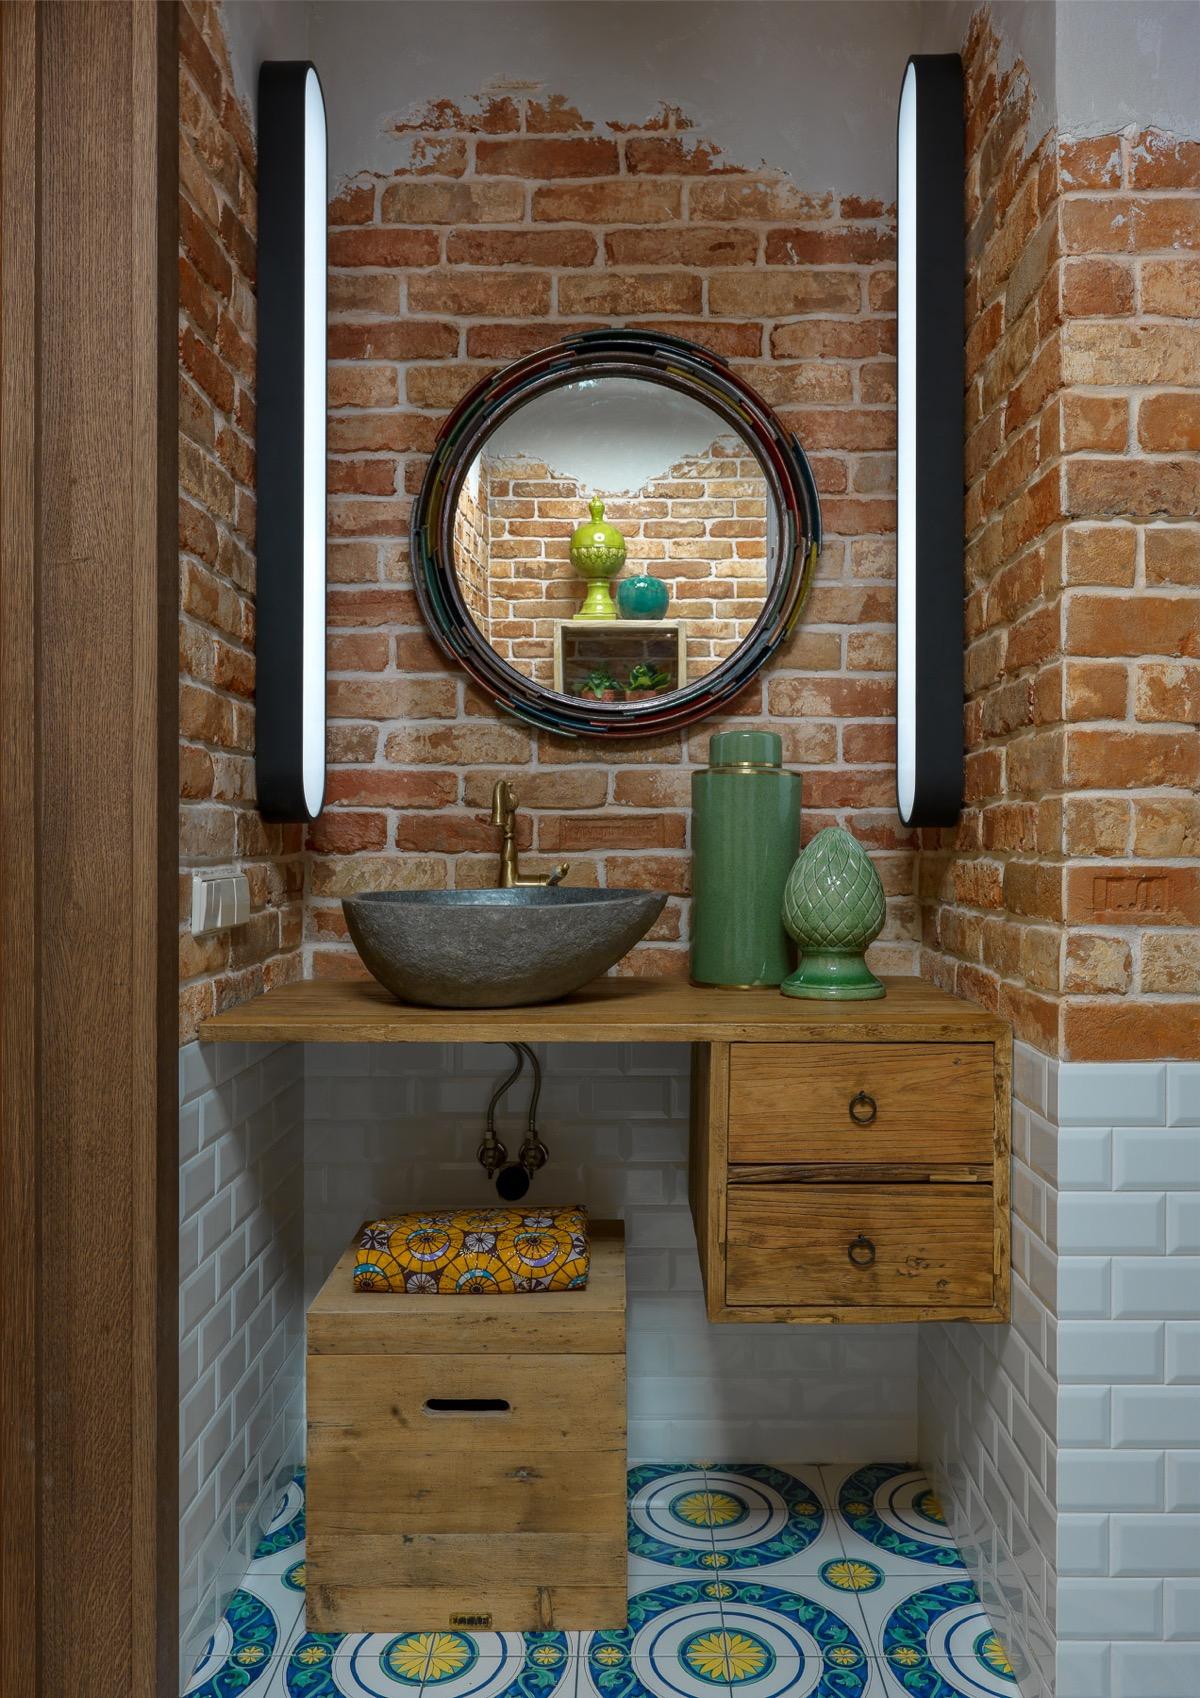 丰富的色彩 独特的风格:精美的住宅装修设计